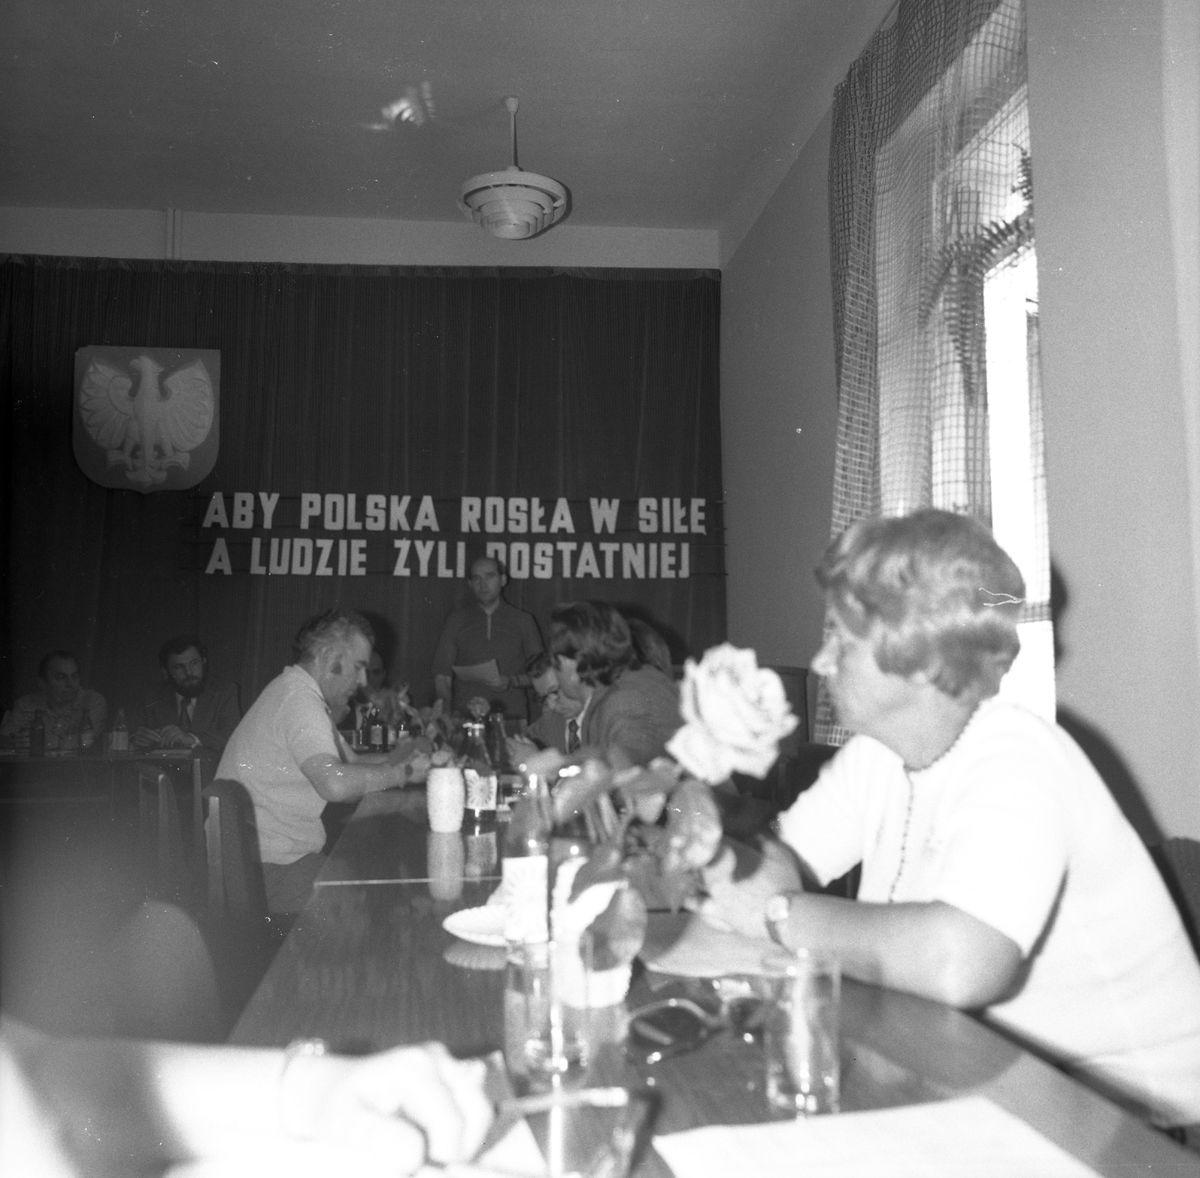 Uroczysta Sesja Miejskiej Rady Narodowej, 1975 r. [6]